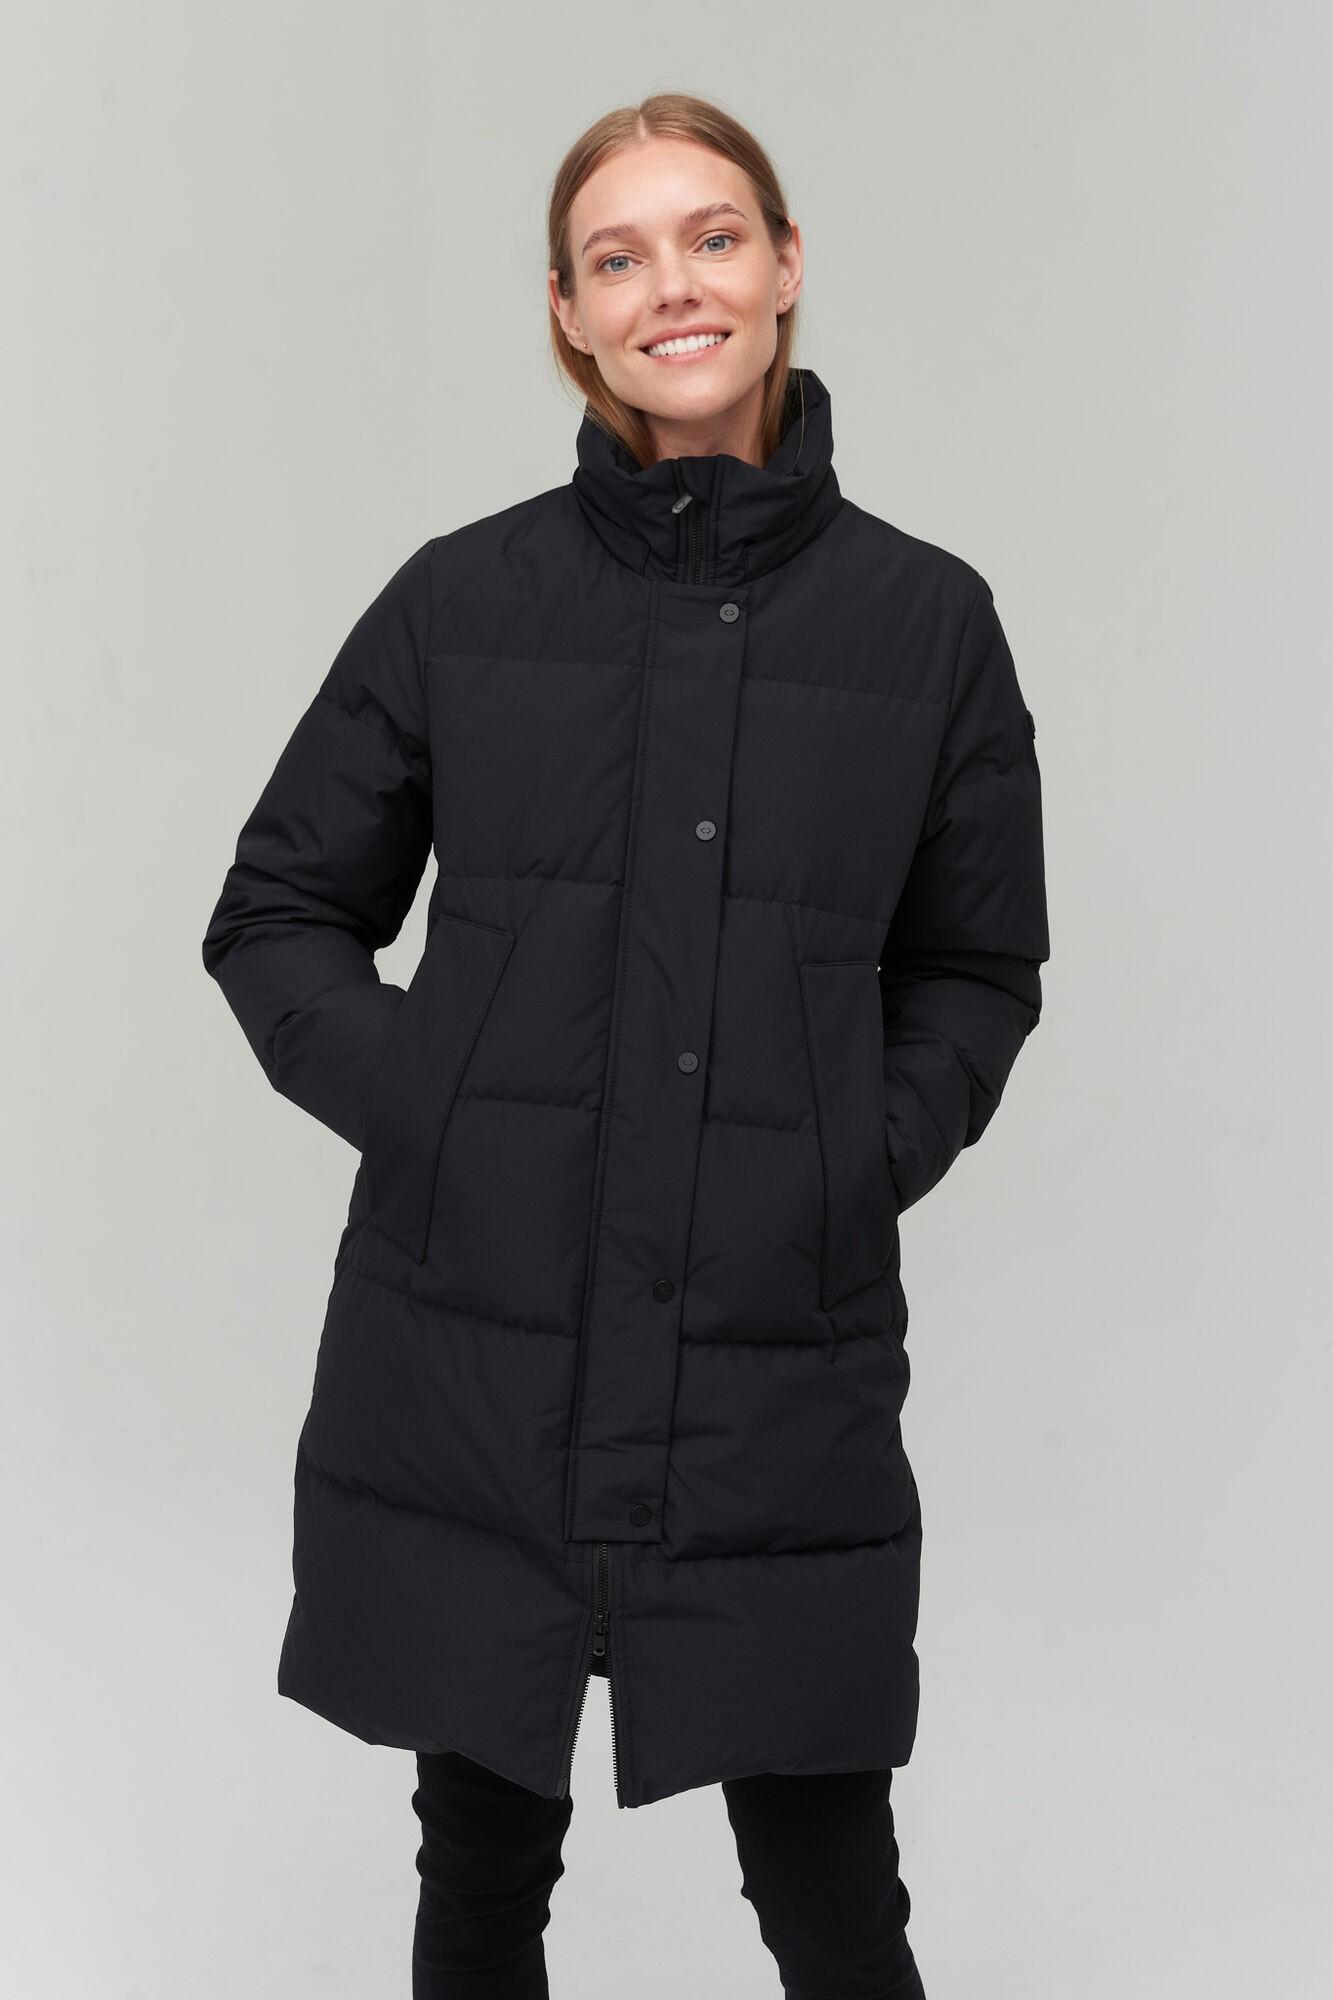 AUDIMAS Pūkinis paltas 2021-031 Black XL